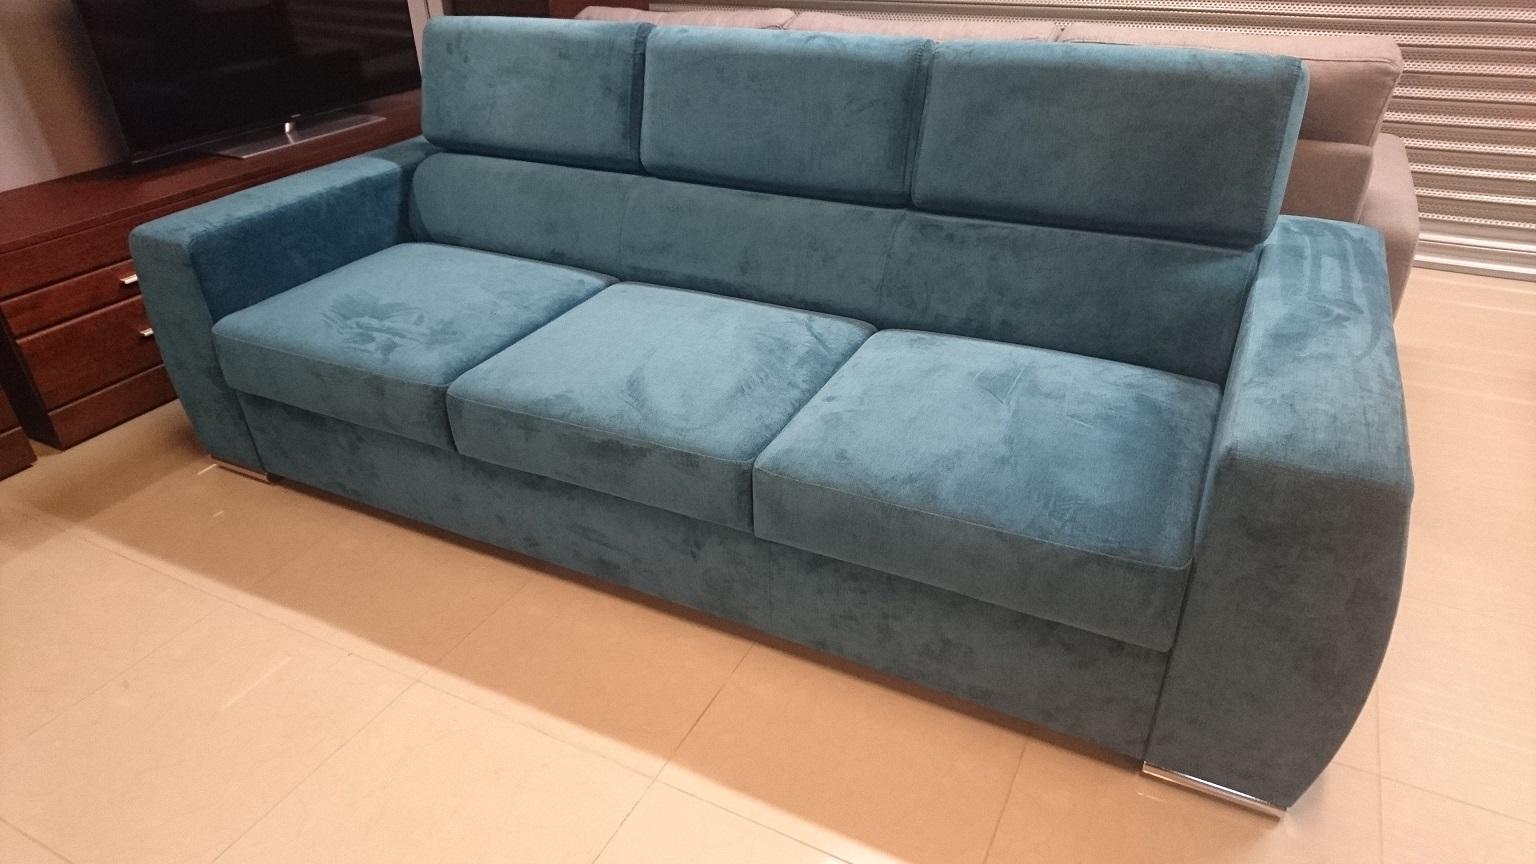 VENTO CAYA DESIGN Meble Warszawa STUDIO KOMFORT sofa rozkładana z funkcją spania tkanina hydrofobowa MILTON NEW 12 FARGOTEX Turkus